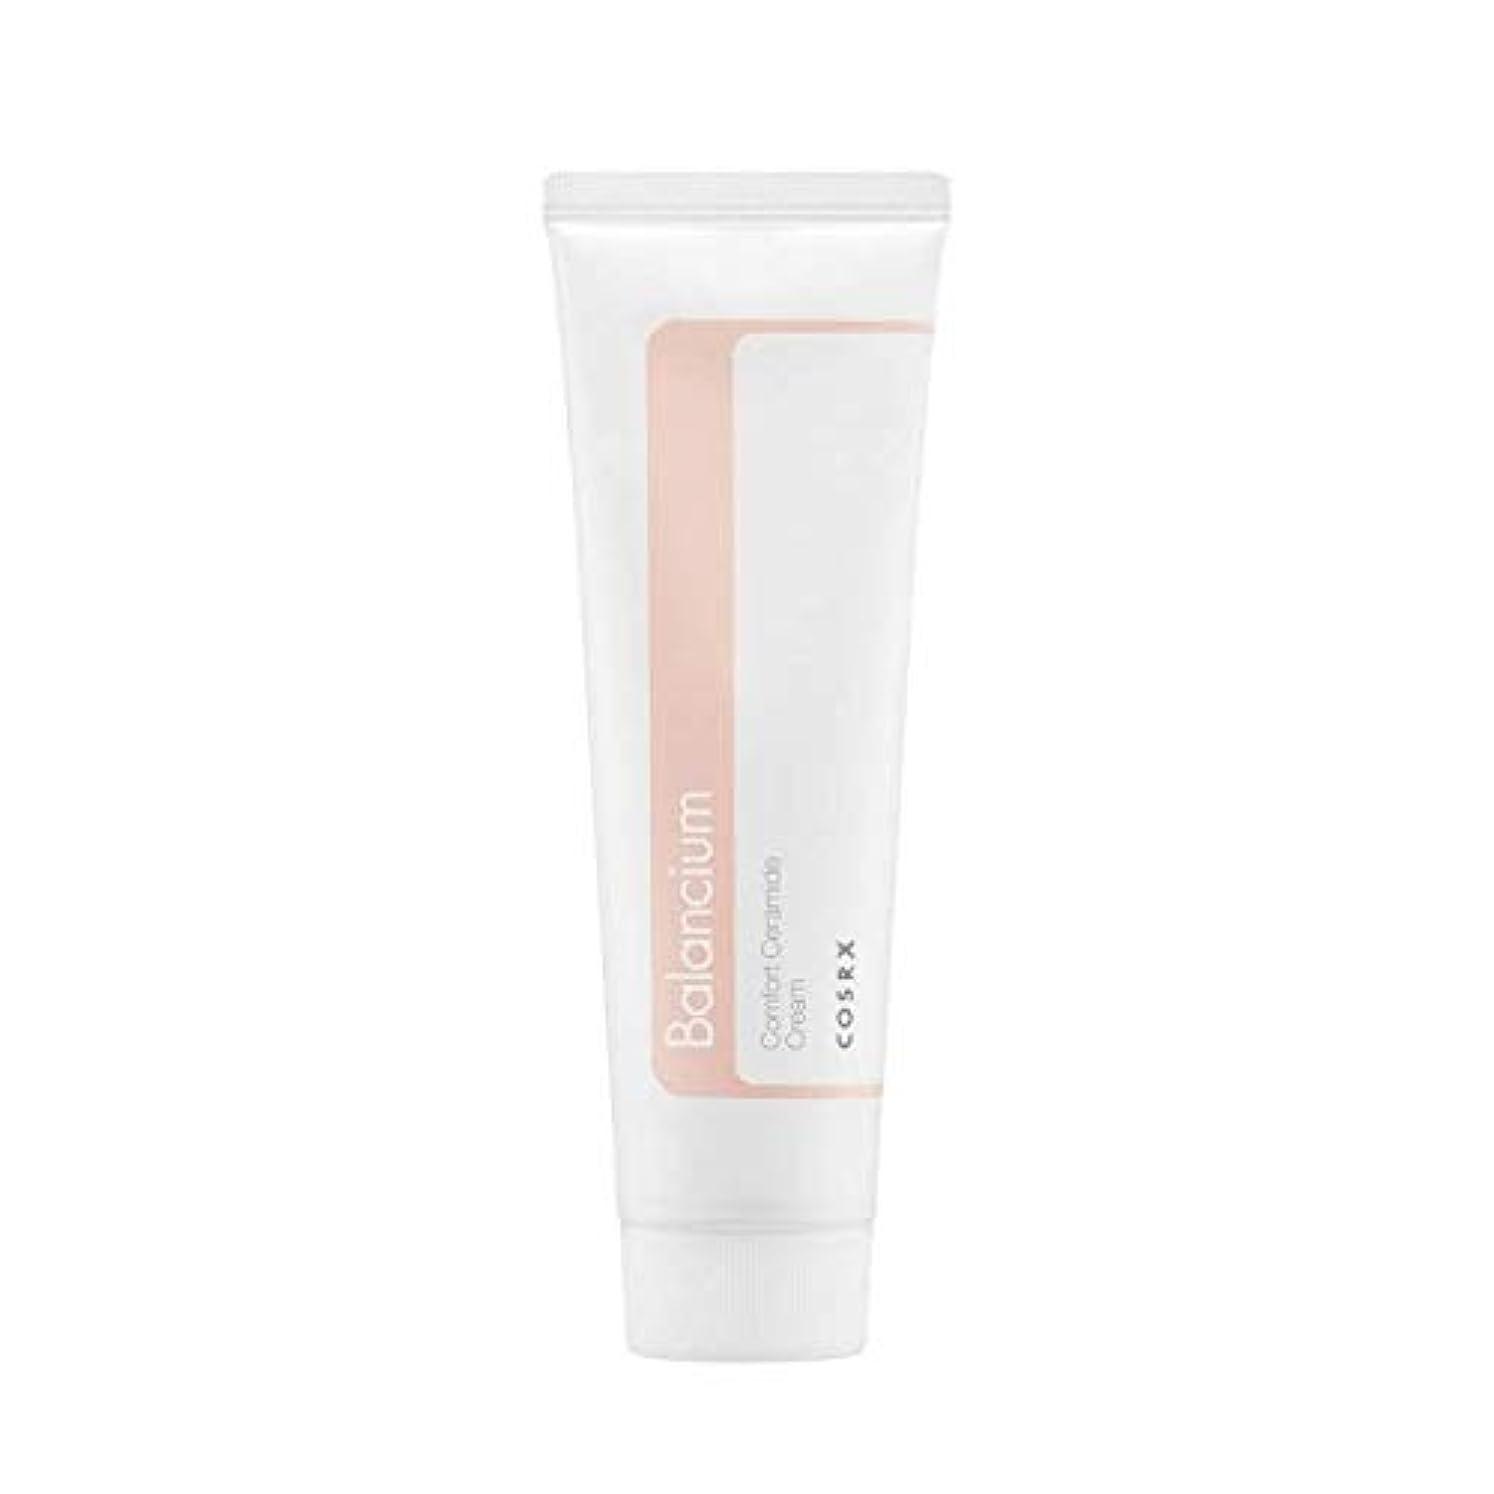 見えない警察謝るCOSRX バランシウム コンポート セラミド クリーム / Balancium Comfort Ceramide Cream (80g) [並行輸入品]